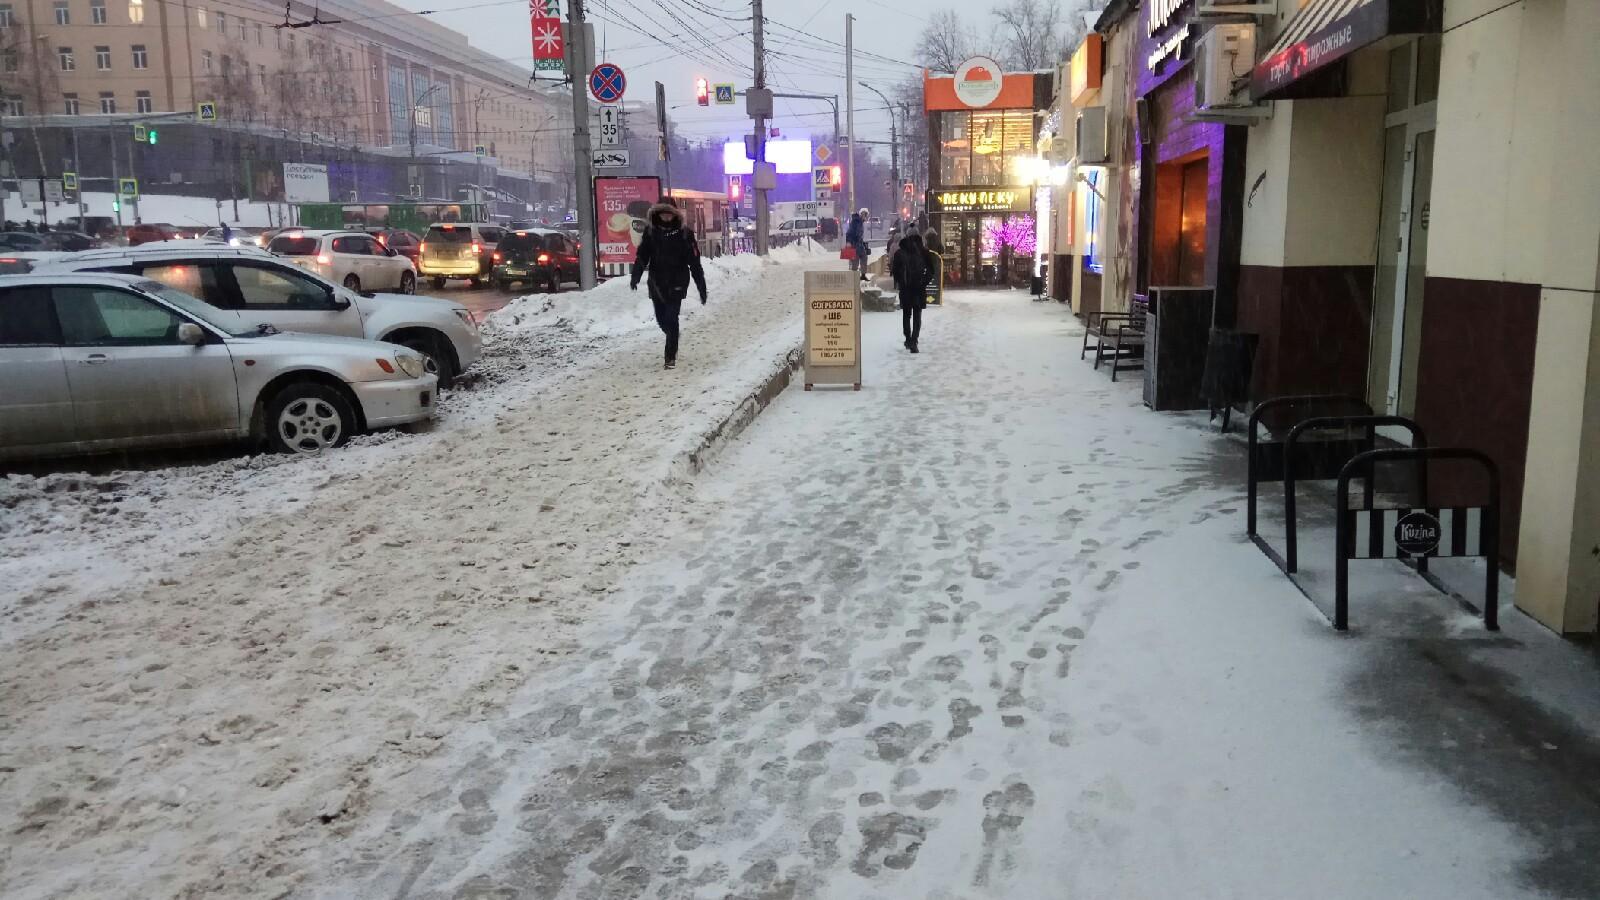 фото Горшочек, не вари: дороги Новосибирска превратились в кашу 3